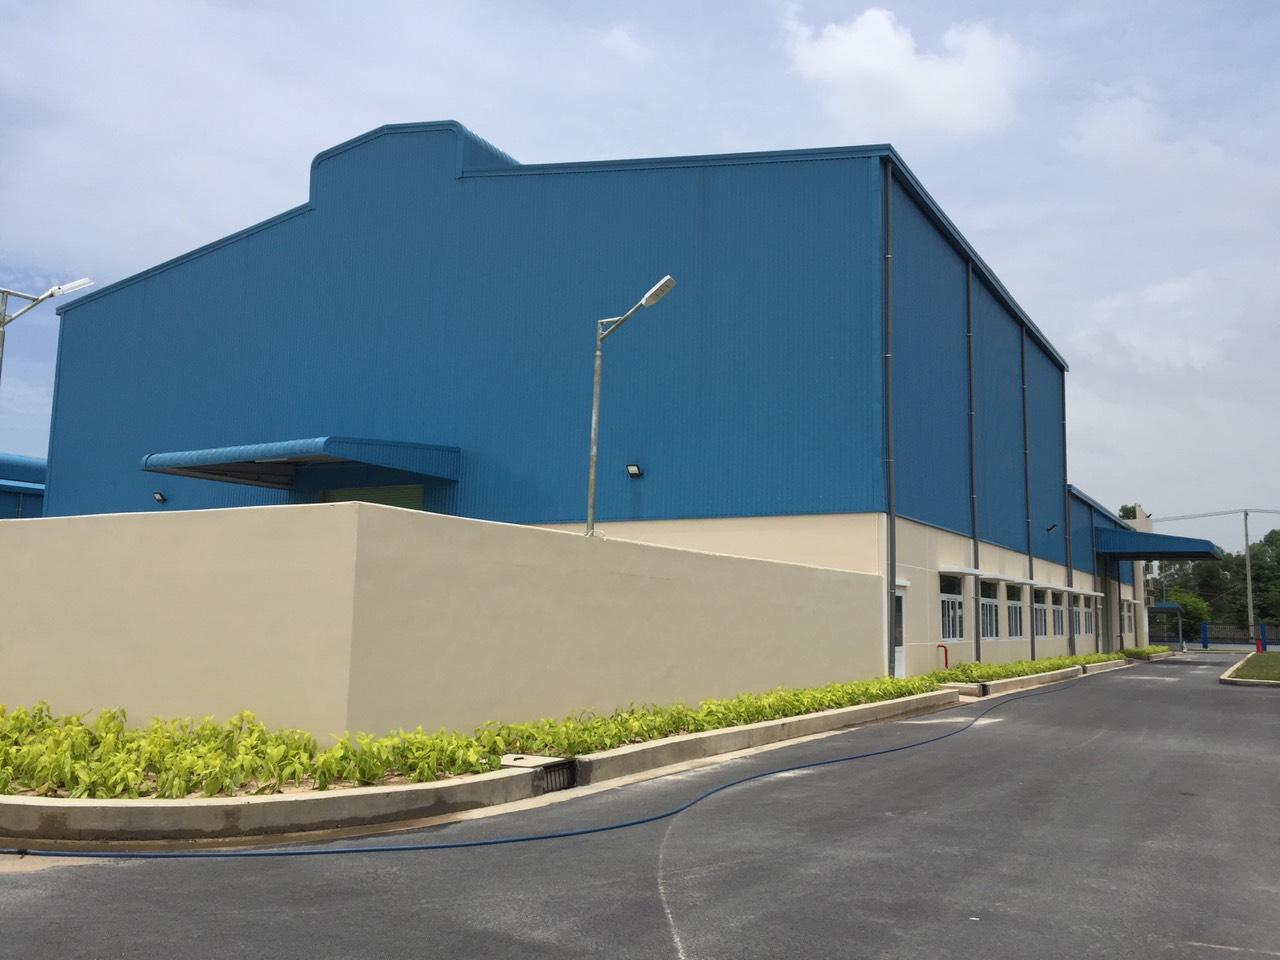 Cho Thuê Nhà Xưởng Tại Đồng Nai